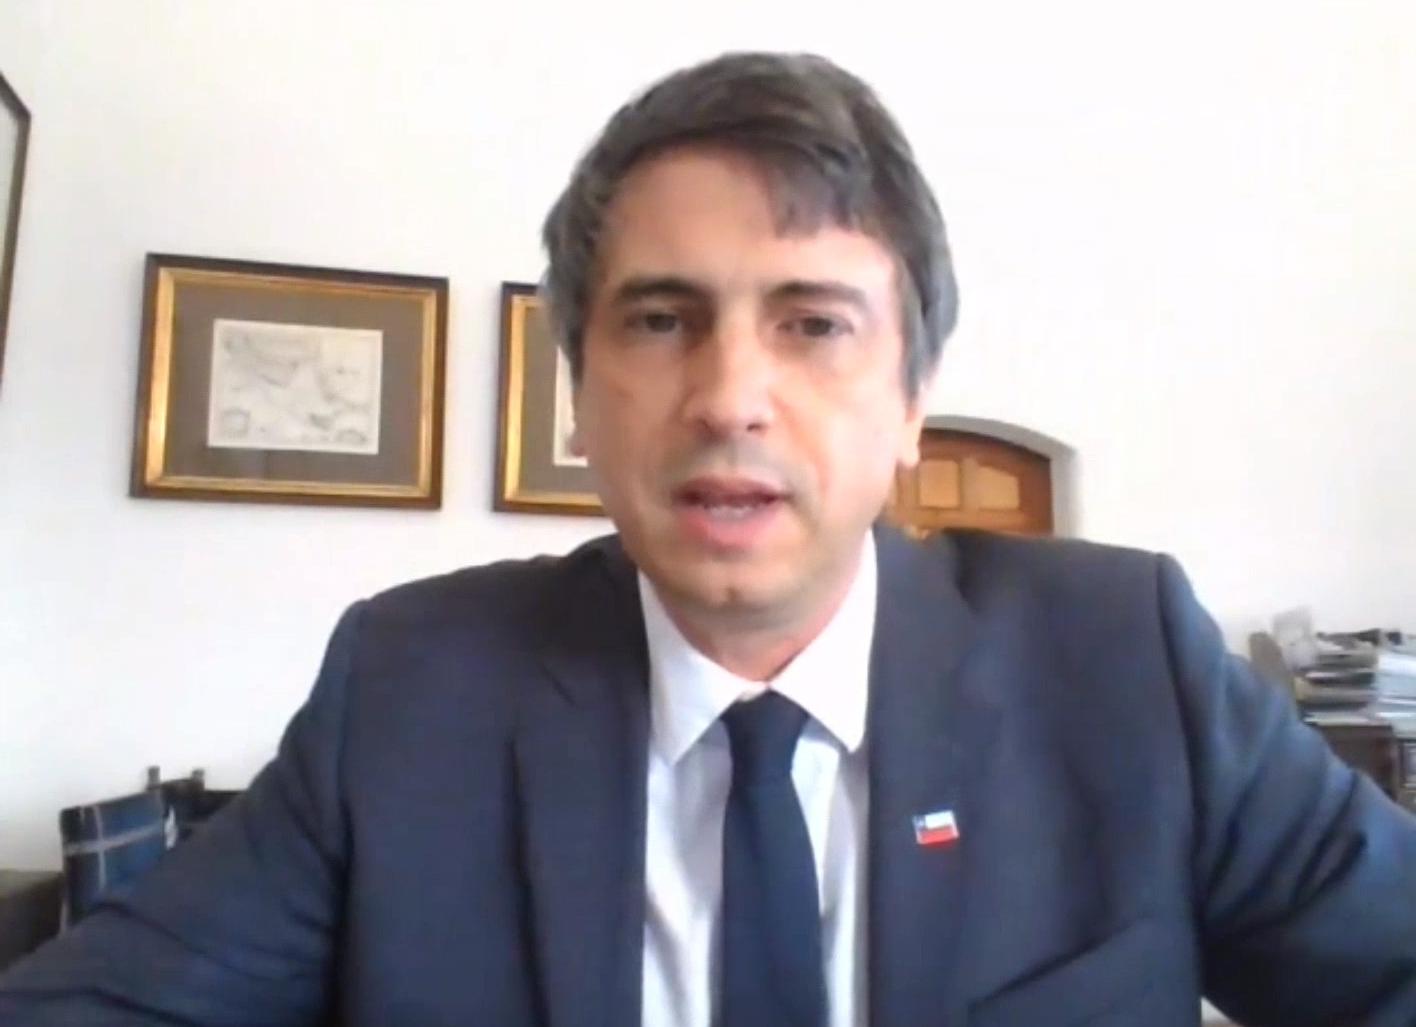 Photographie d'Andrés Couve Correa, Ministre des Sciences, de la Technologie, du Savoir et de l'Innovation, Chili